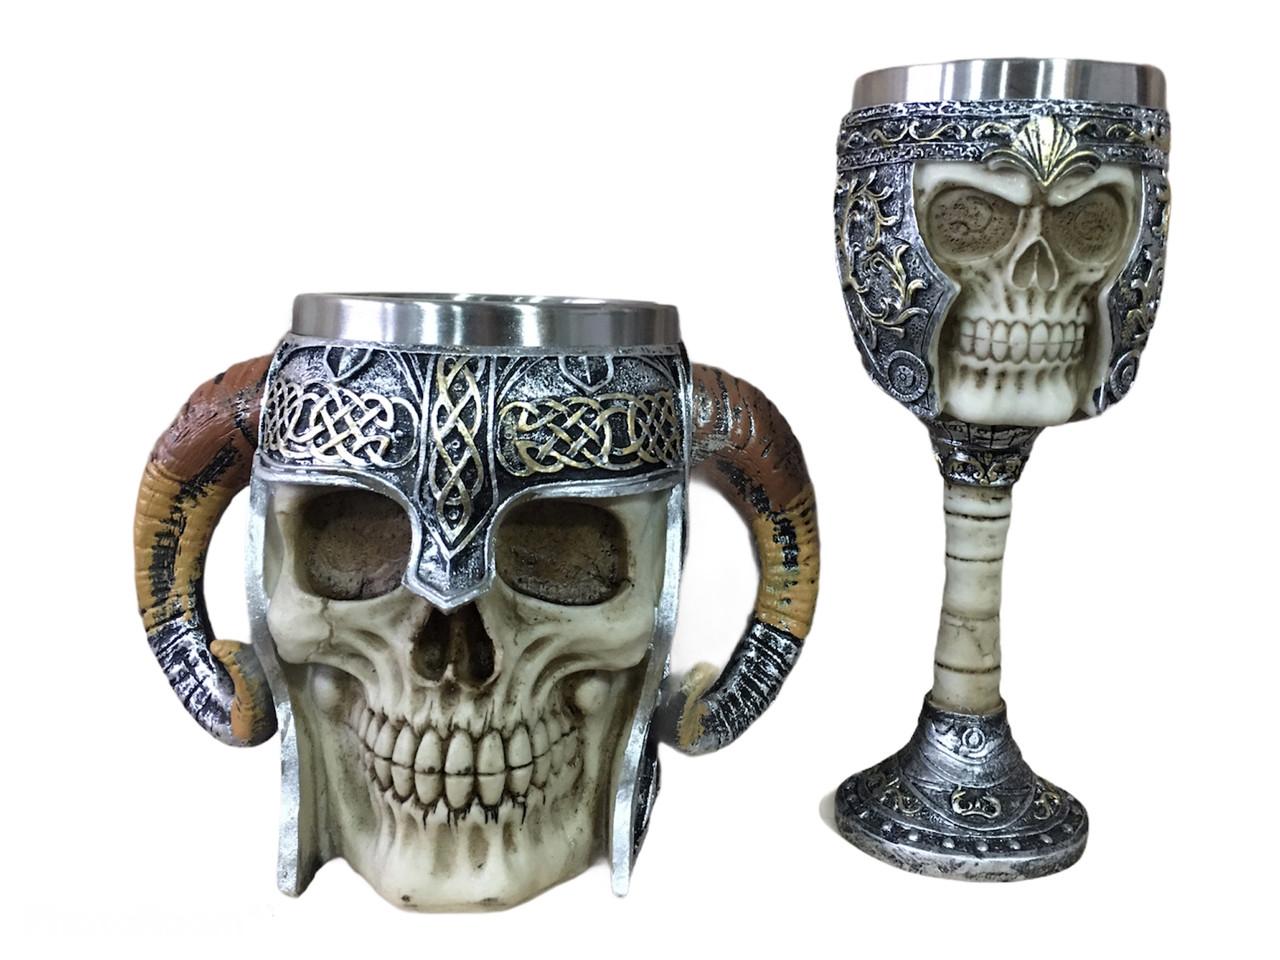 Подарунковий Набір Гуртка Чашка Келих 3D Сатан Череп в Шоломі Подарунок